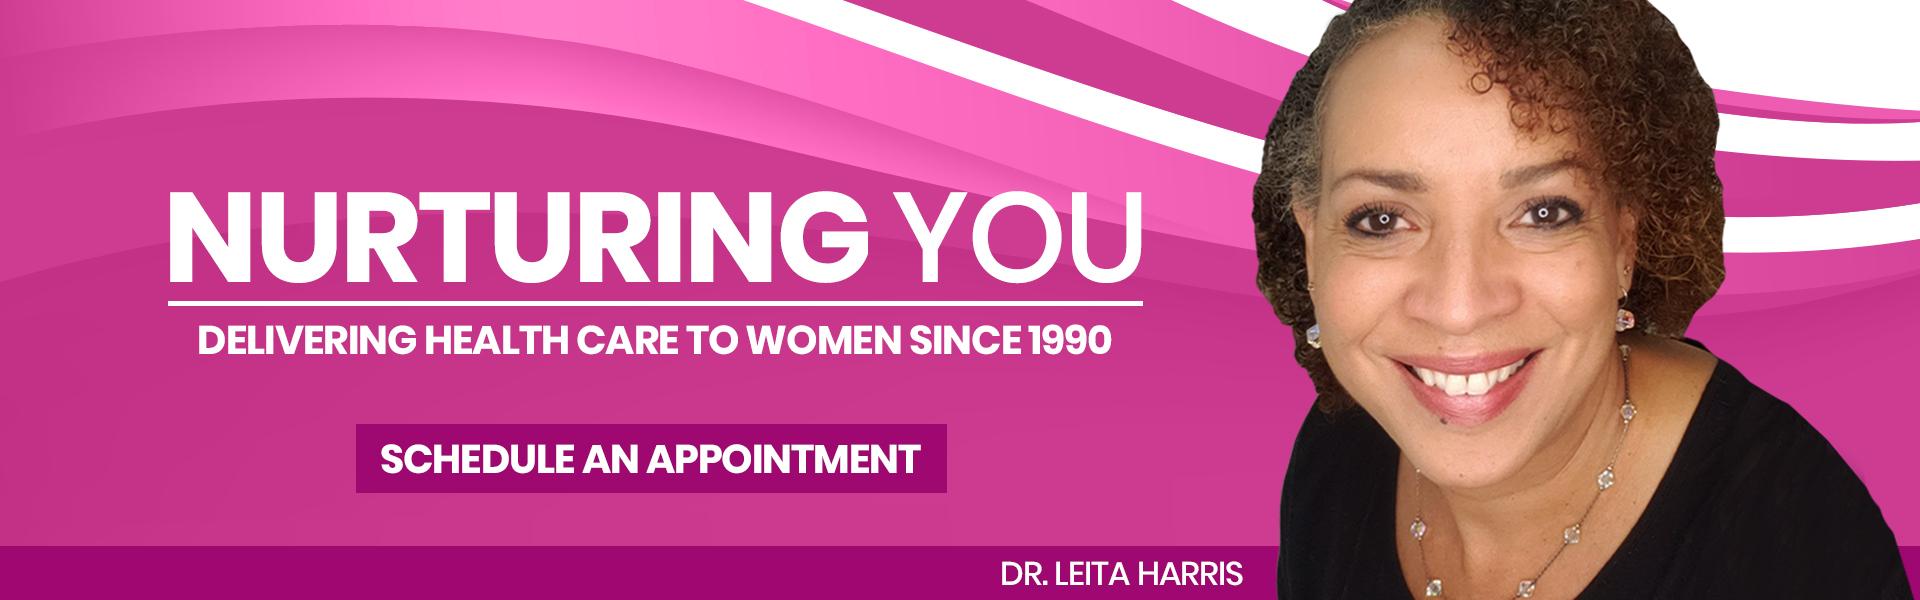 Dr. Leita Harris